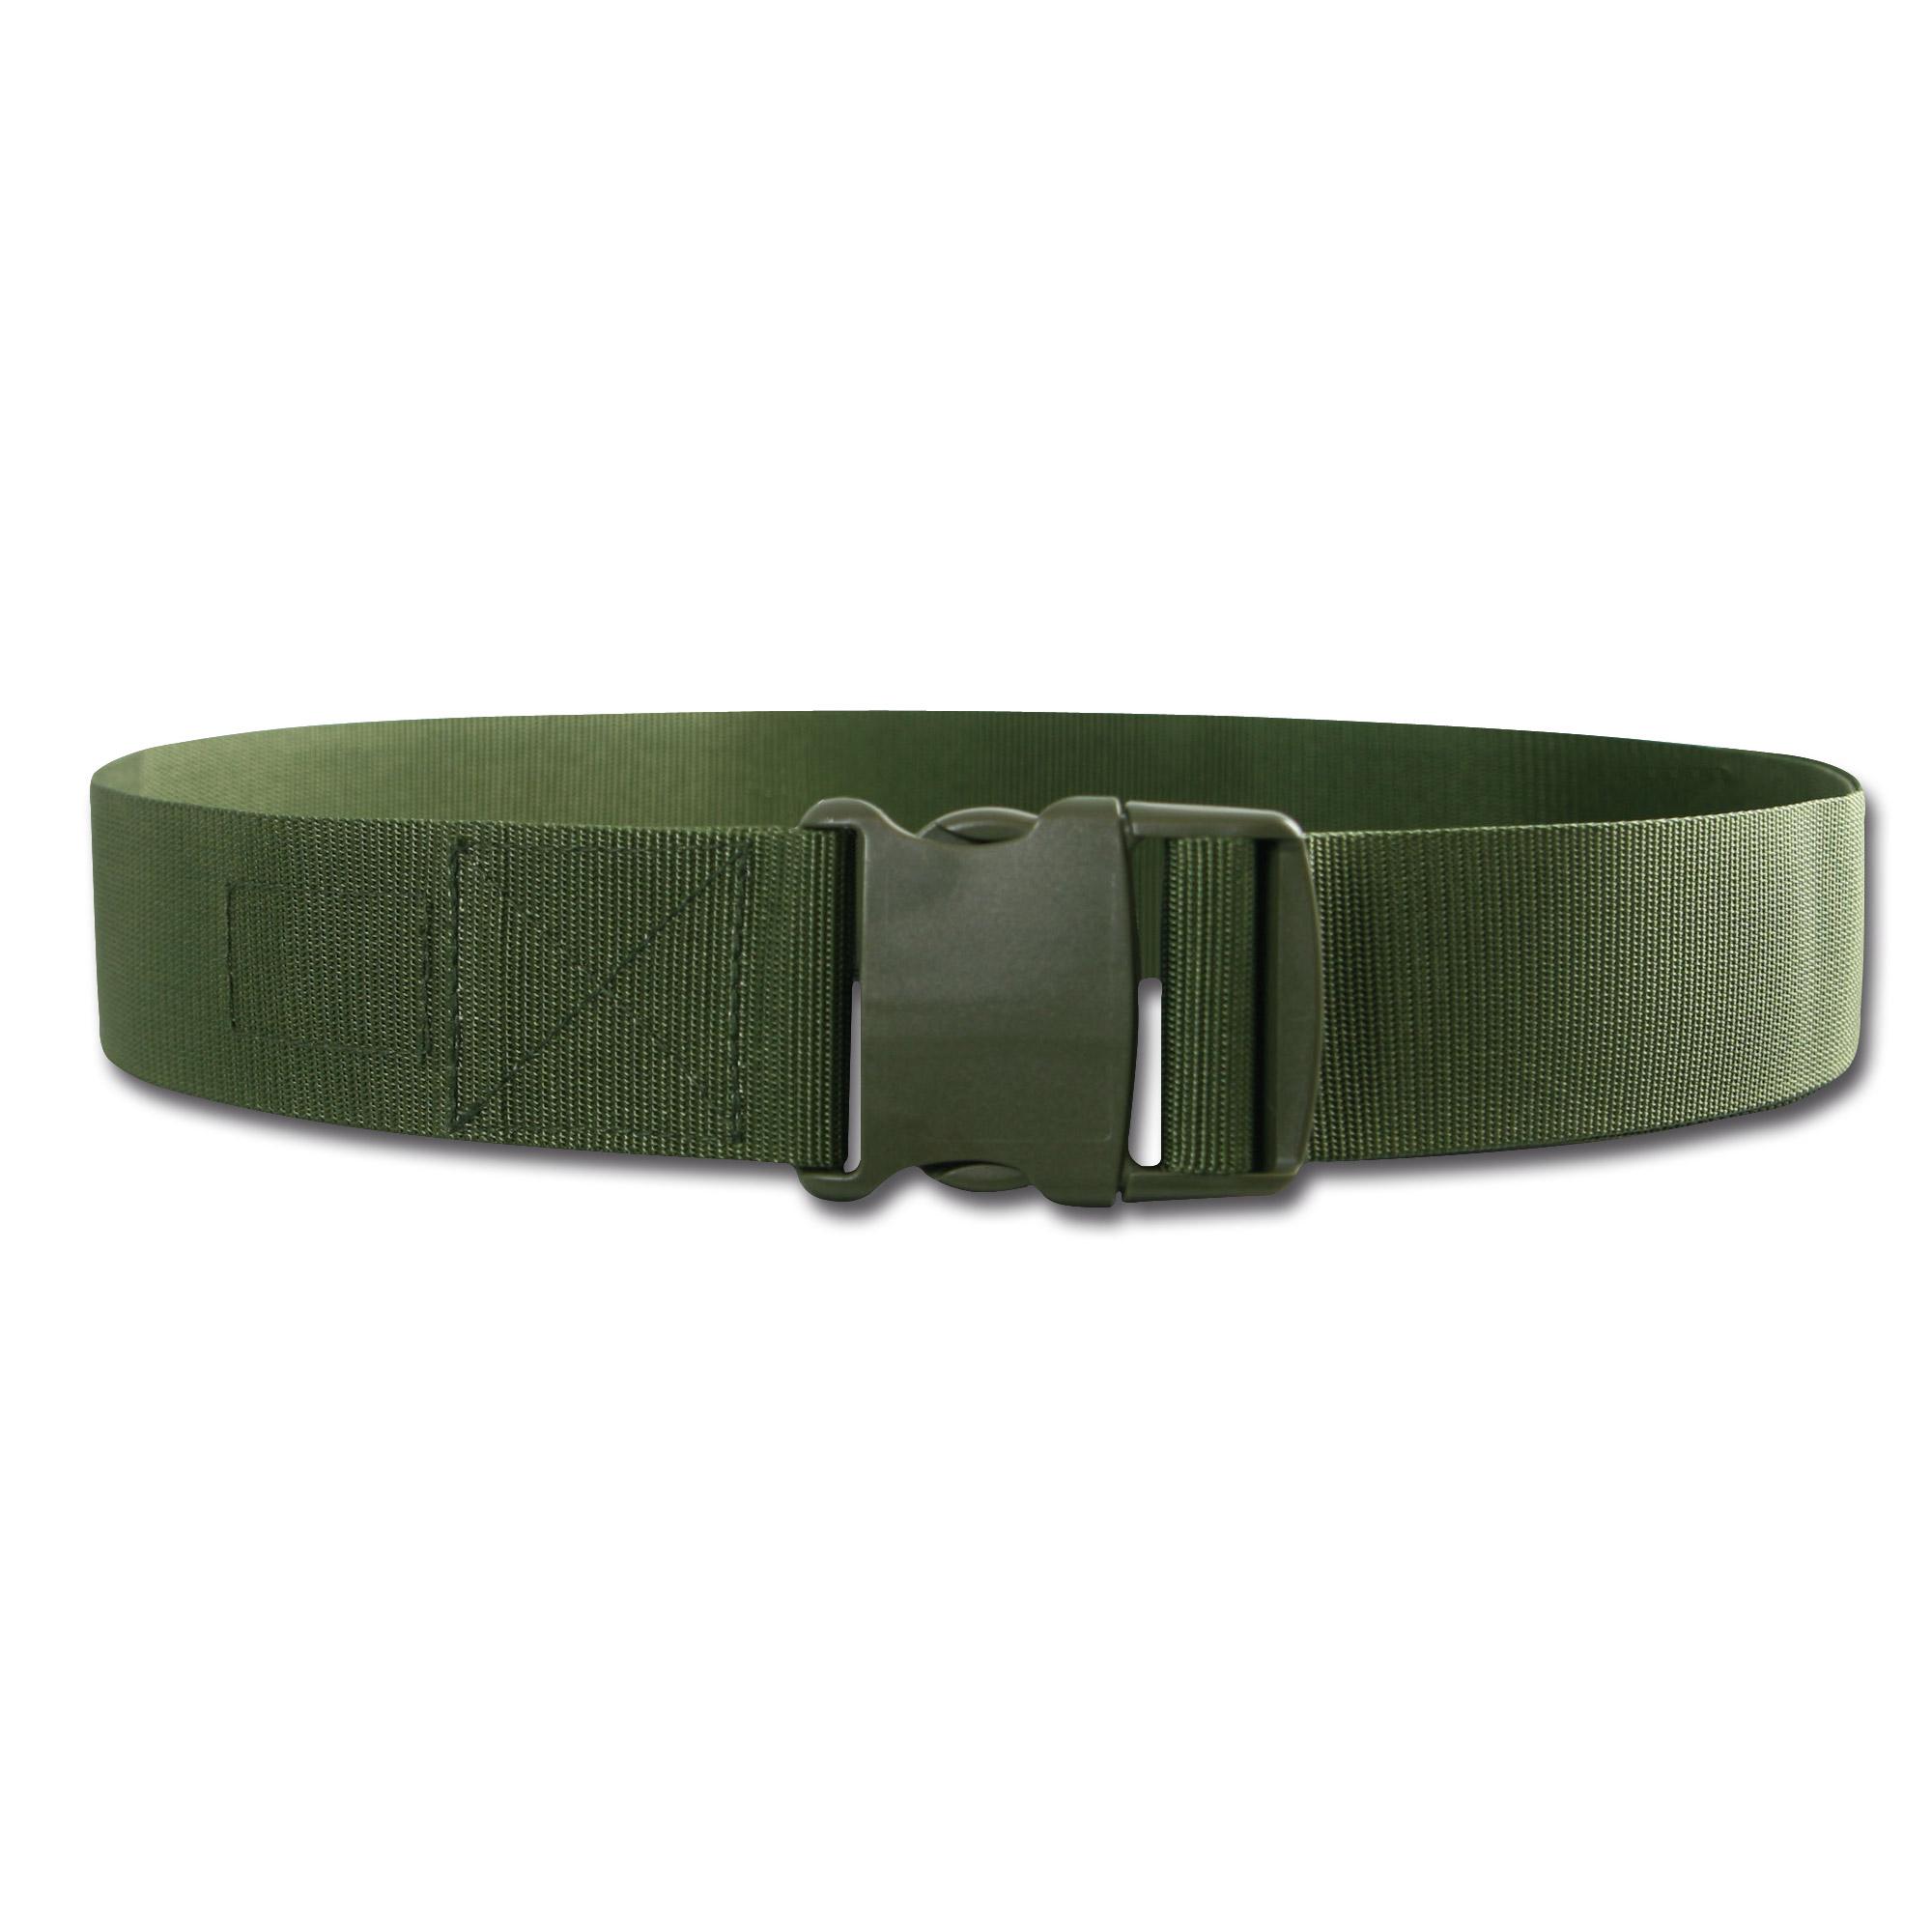 Duty Belt TacGear olive